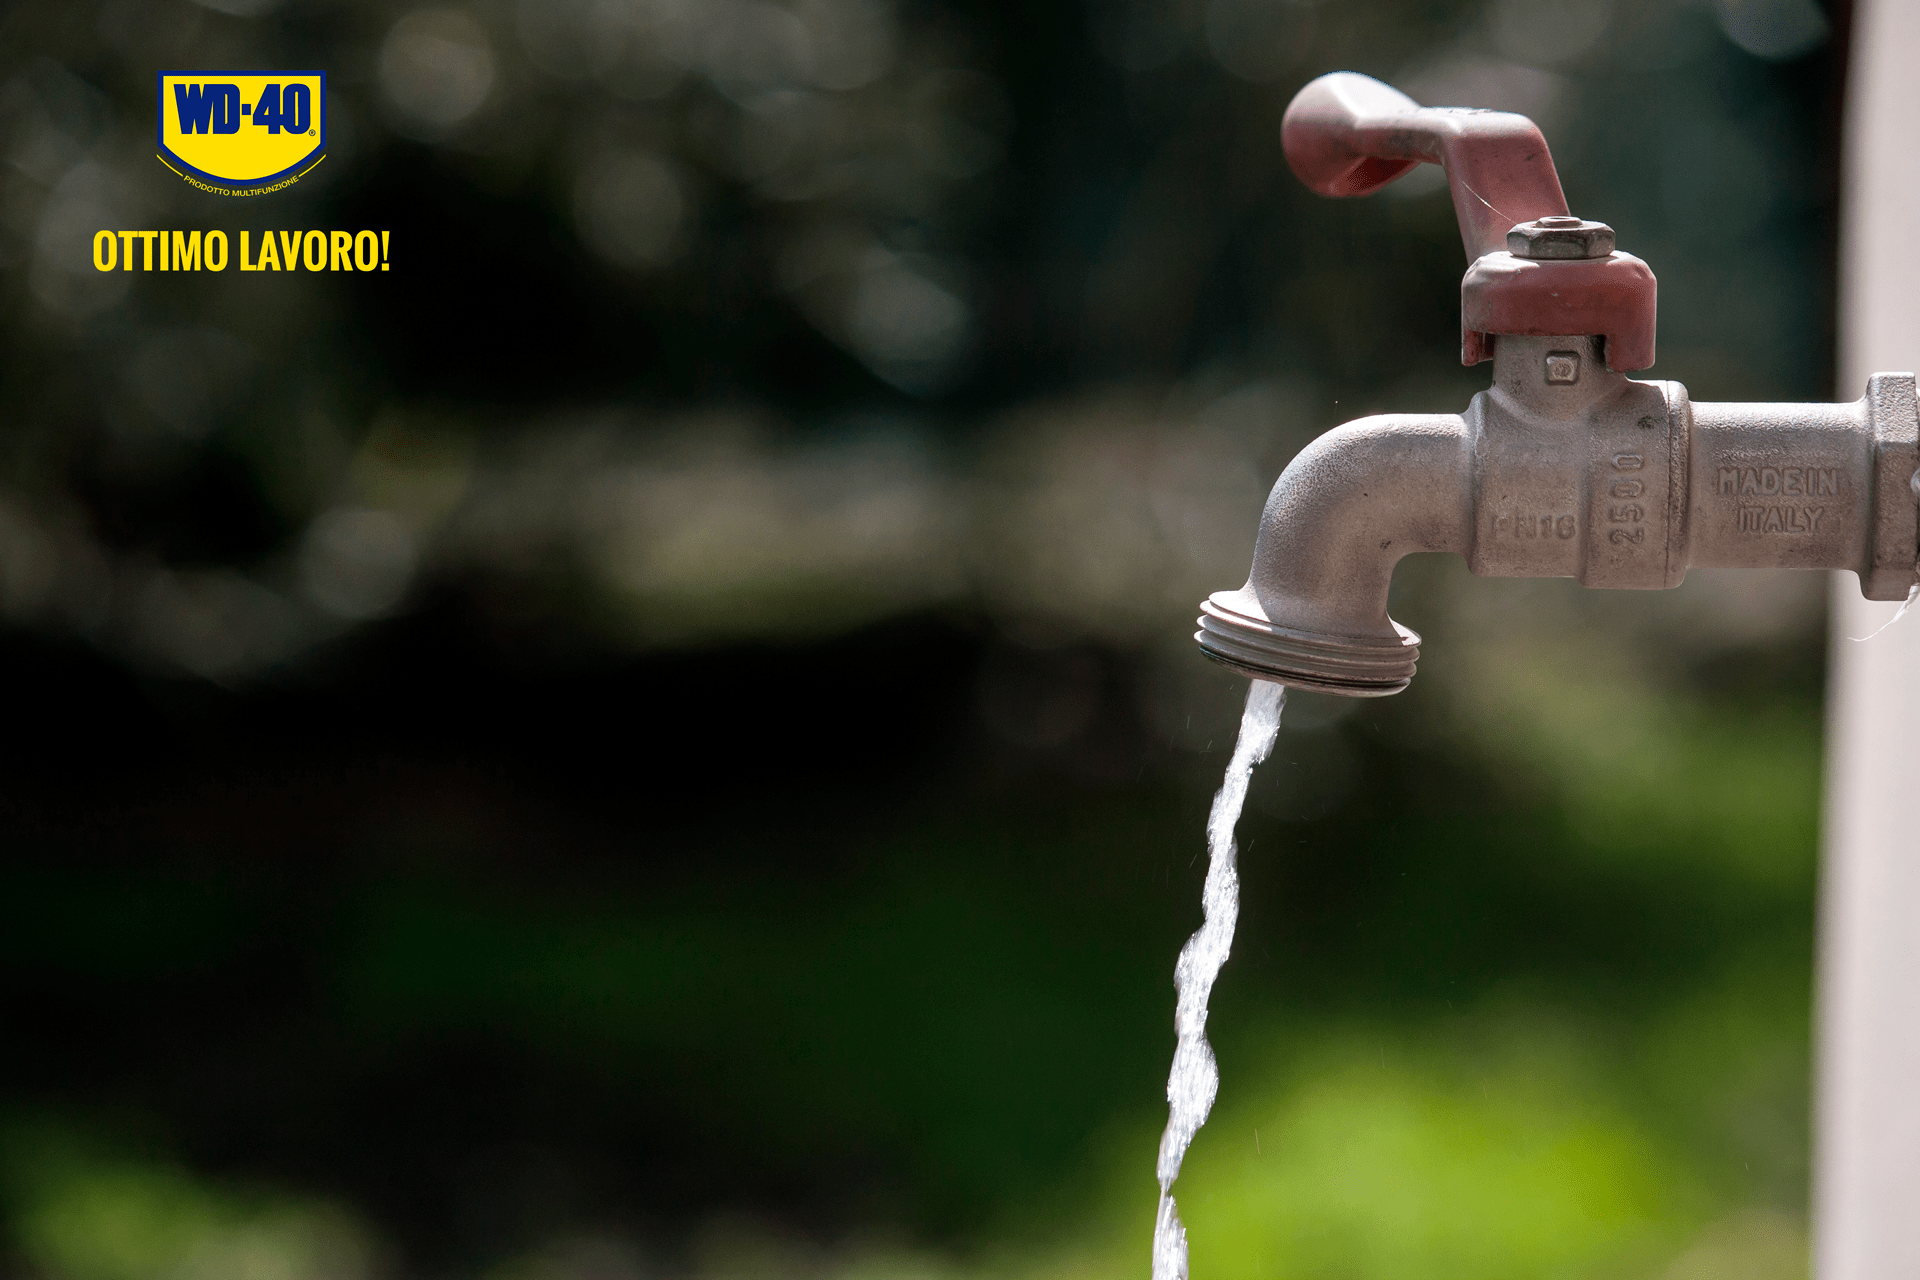 rubinetto bloccato